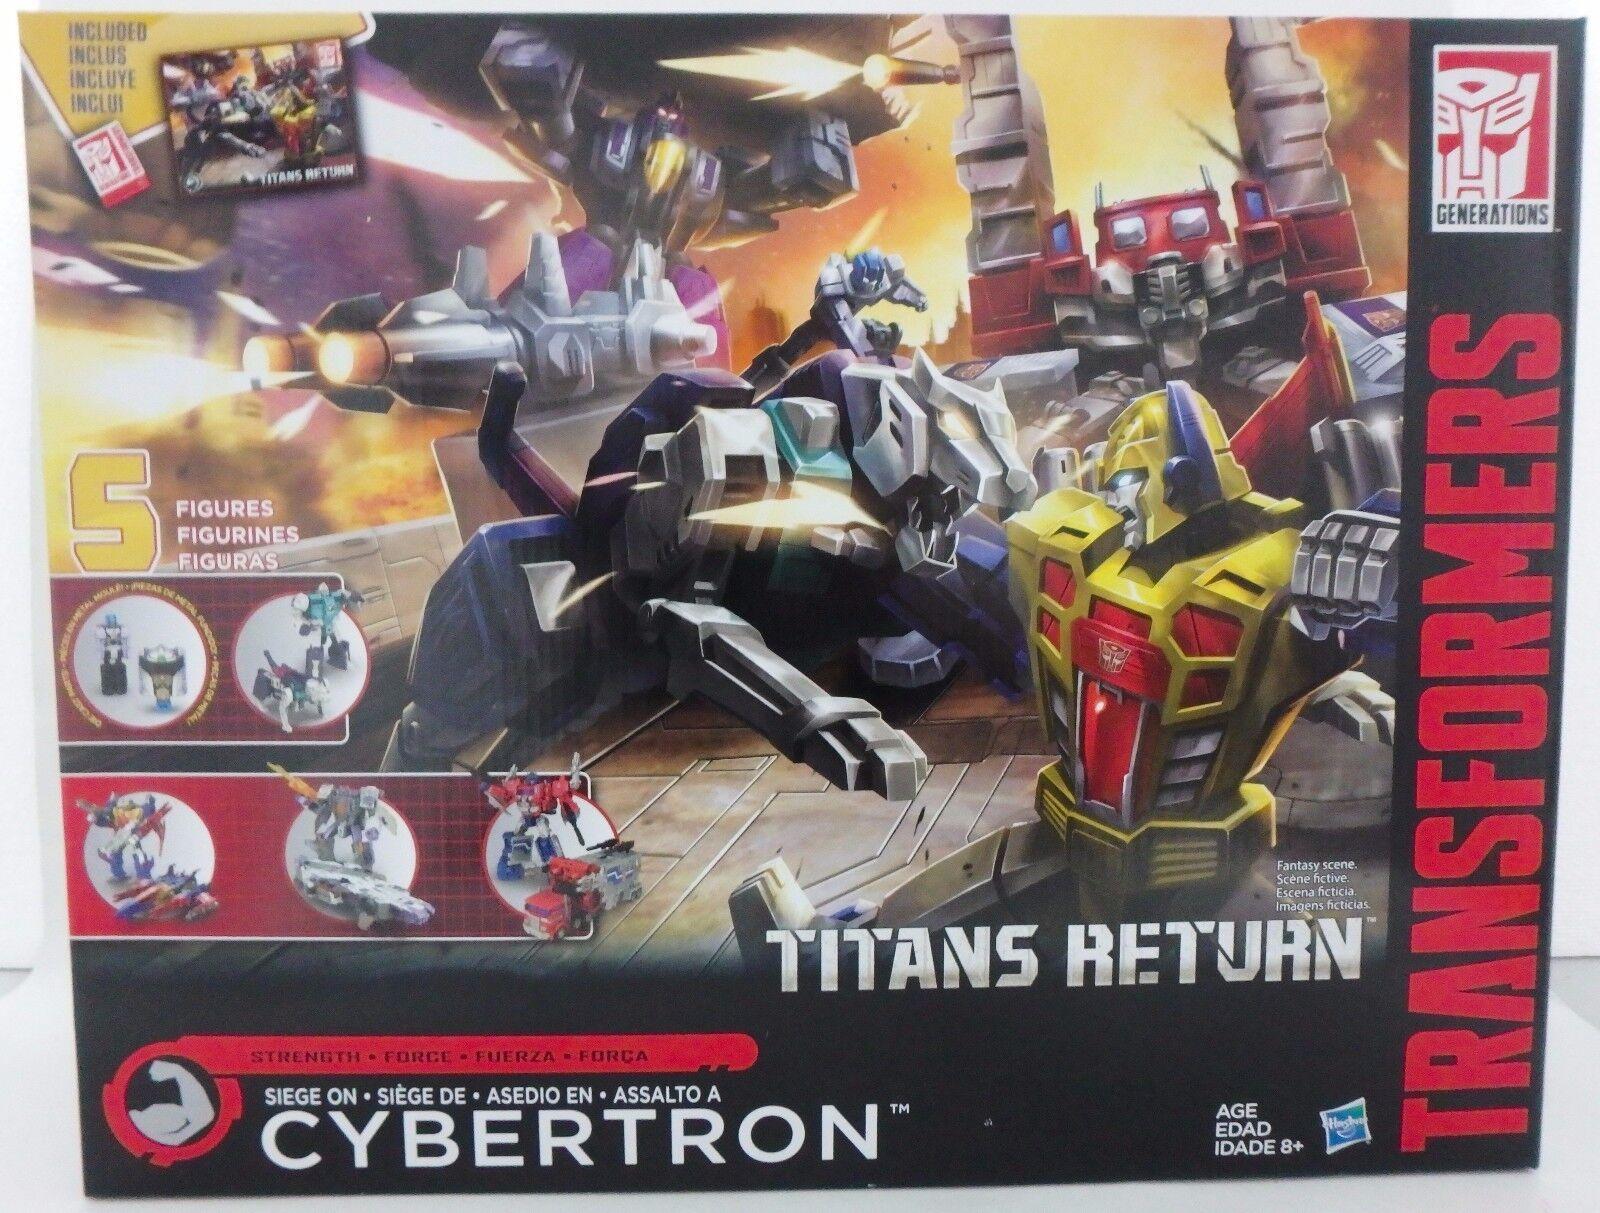 Transformers Generations Titans retour  Siège sur Cybertron .